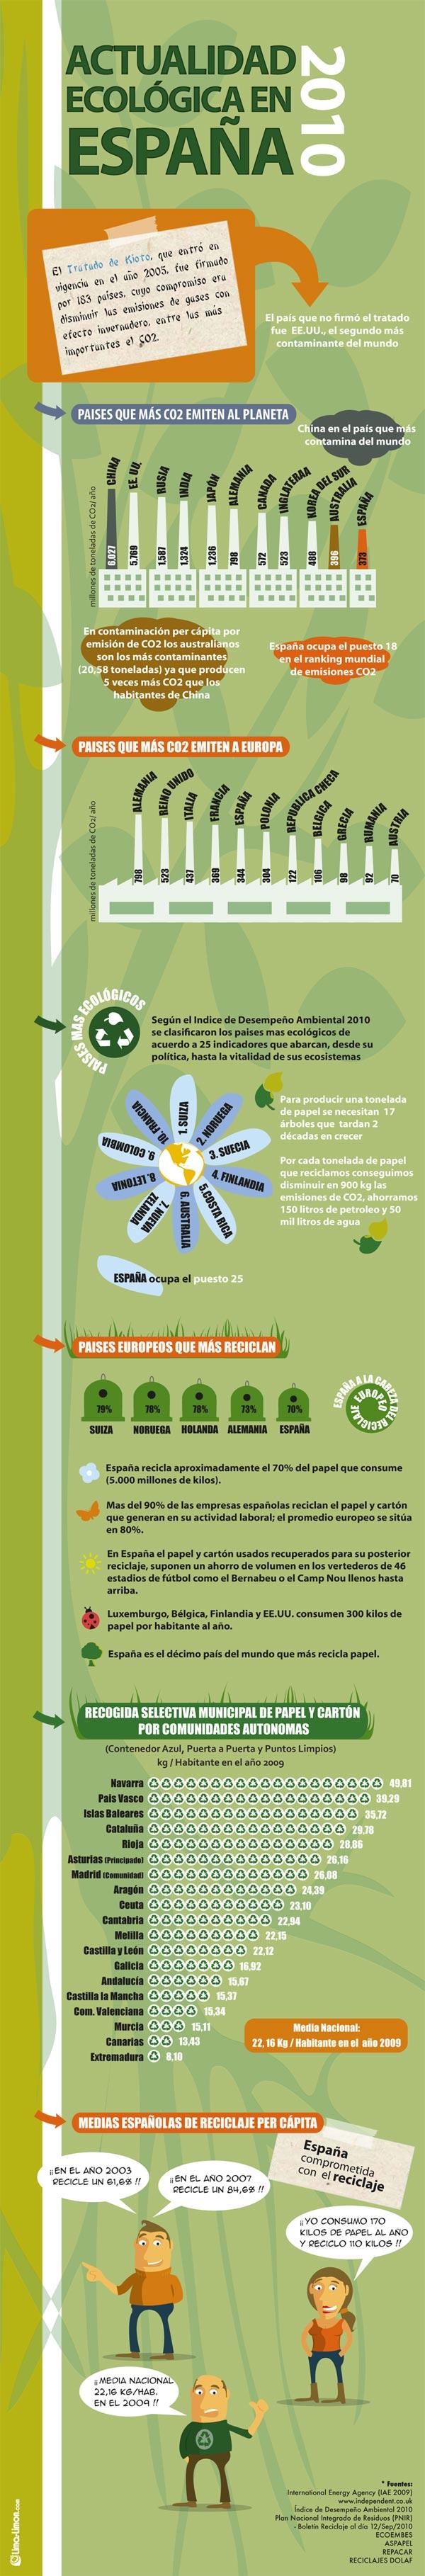 infografia-actualidad-ecologica-espana